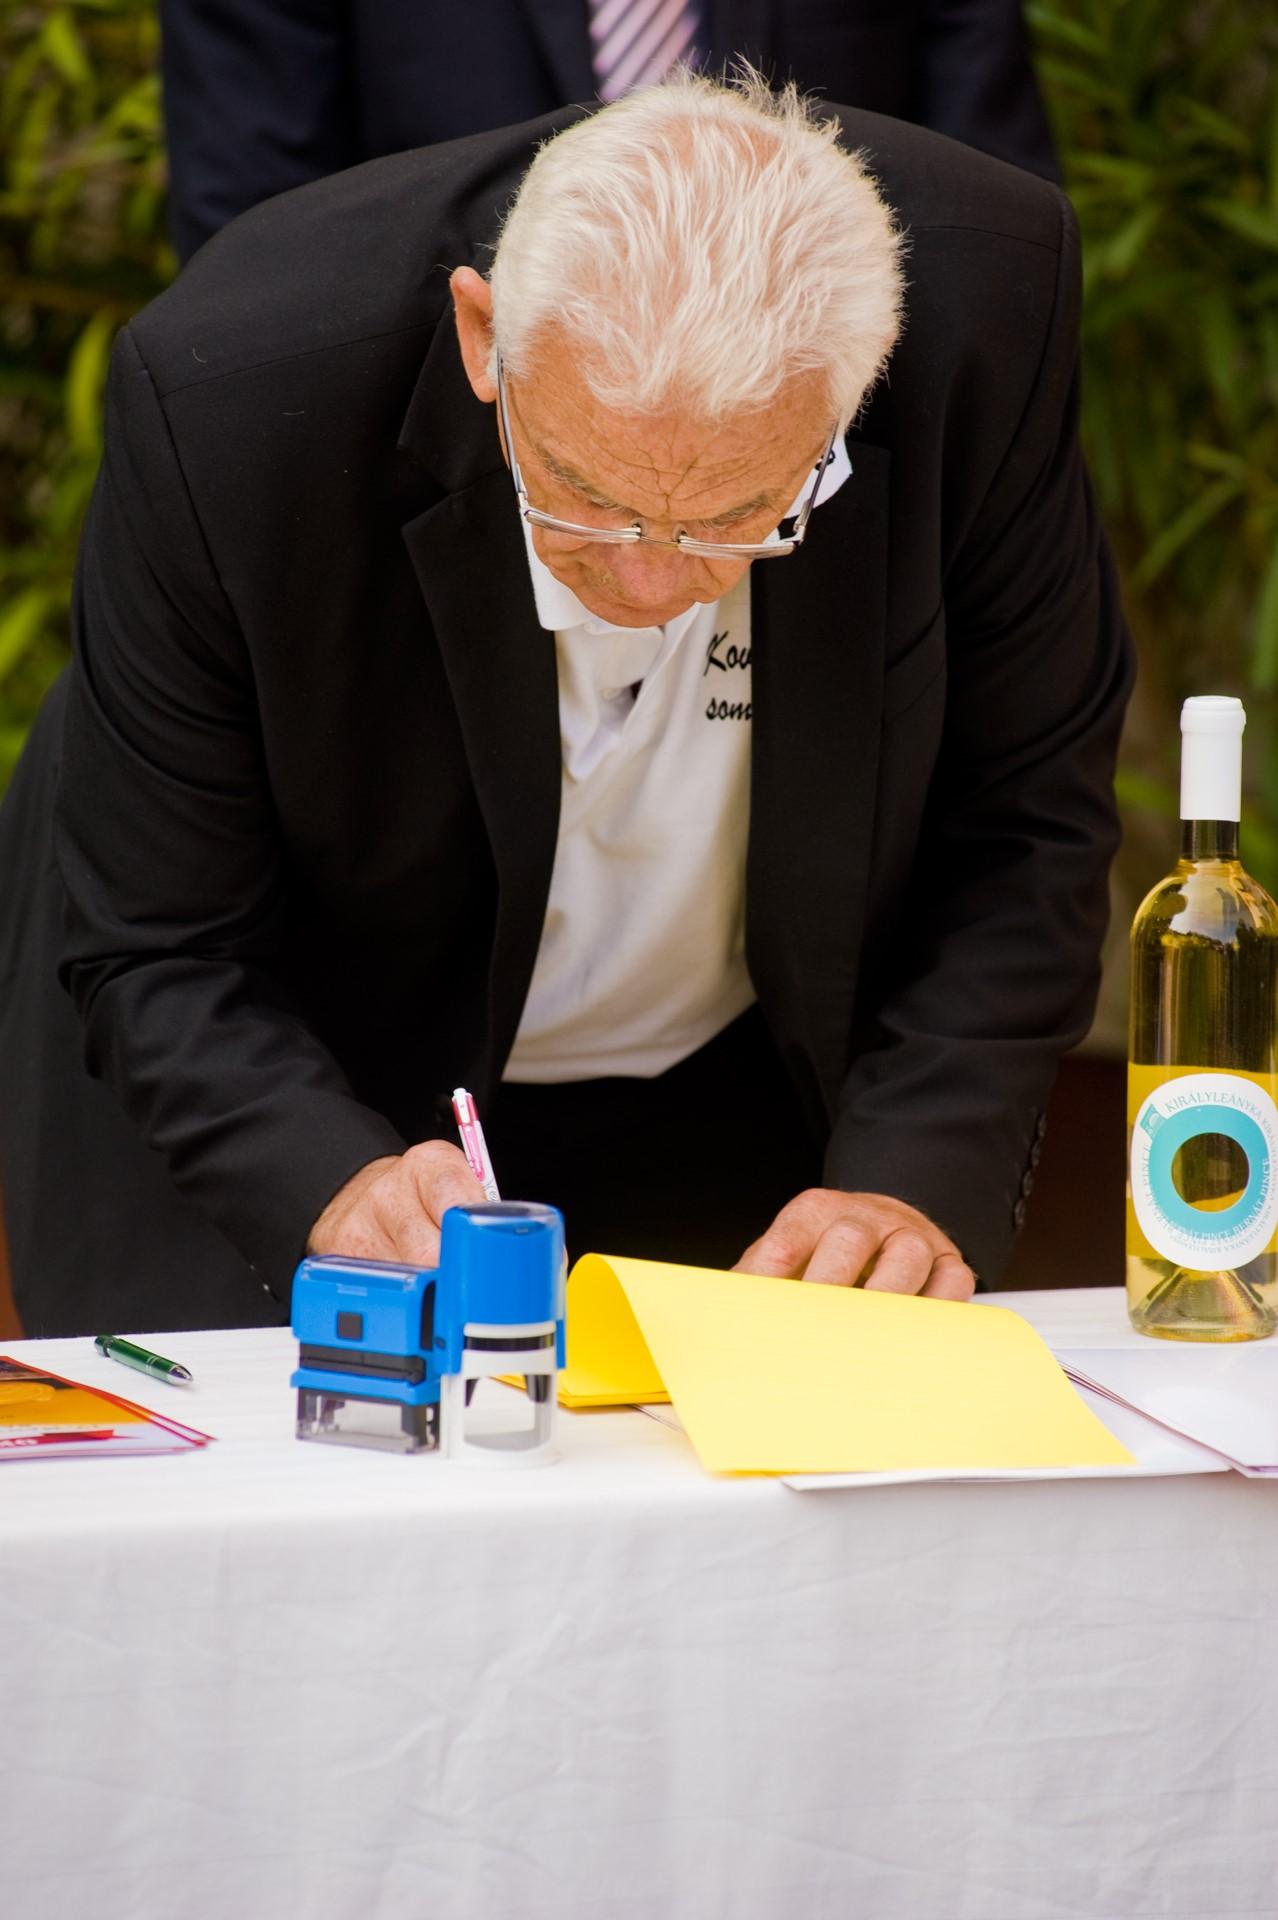 Ünnepélyes aláírása a Székely Sajtkészítők Kézműves Egyesülete és a KKASE- Sajtkészítők Egyesülete közötti Együttműködési Megállapodásnak